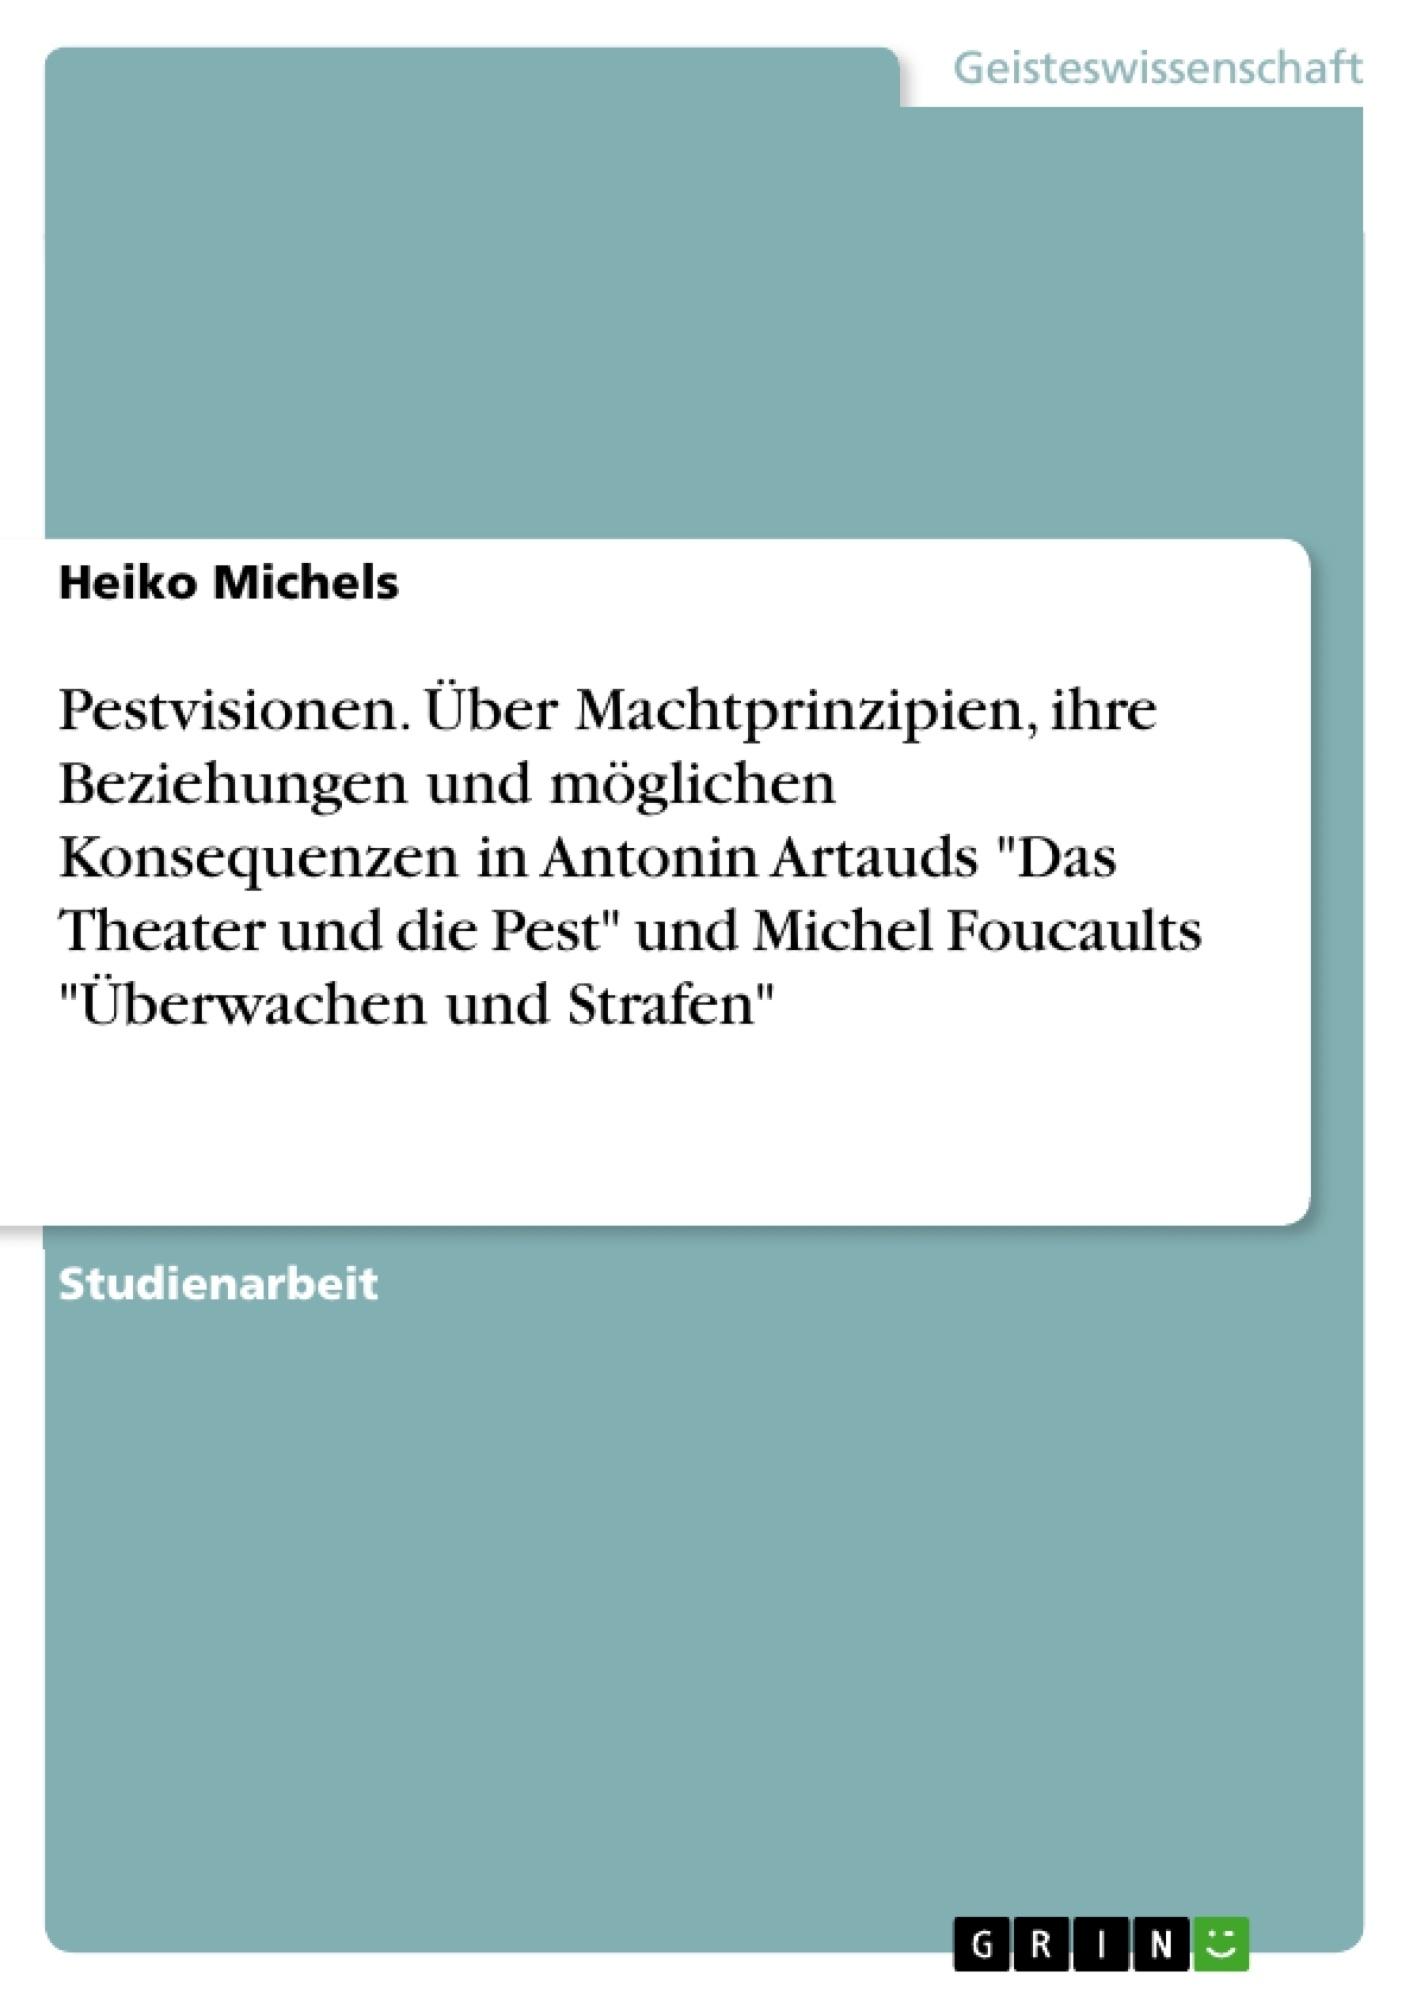 """Titel: Pestvisionen. Über Machtprinzipien, ihre Beziehungen und möglichen Konsequenzen in Antonin Artauds """"Das Theater und die Pest"""" und Michel Foucaults """"Überwachen und Strafen"""""""